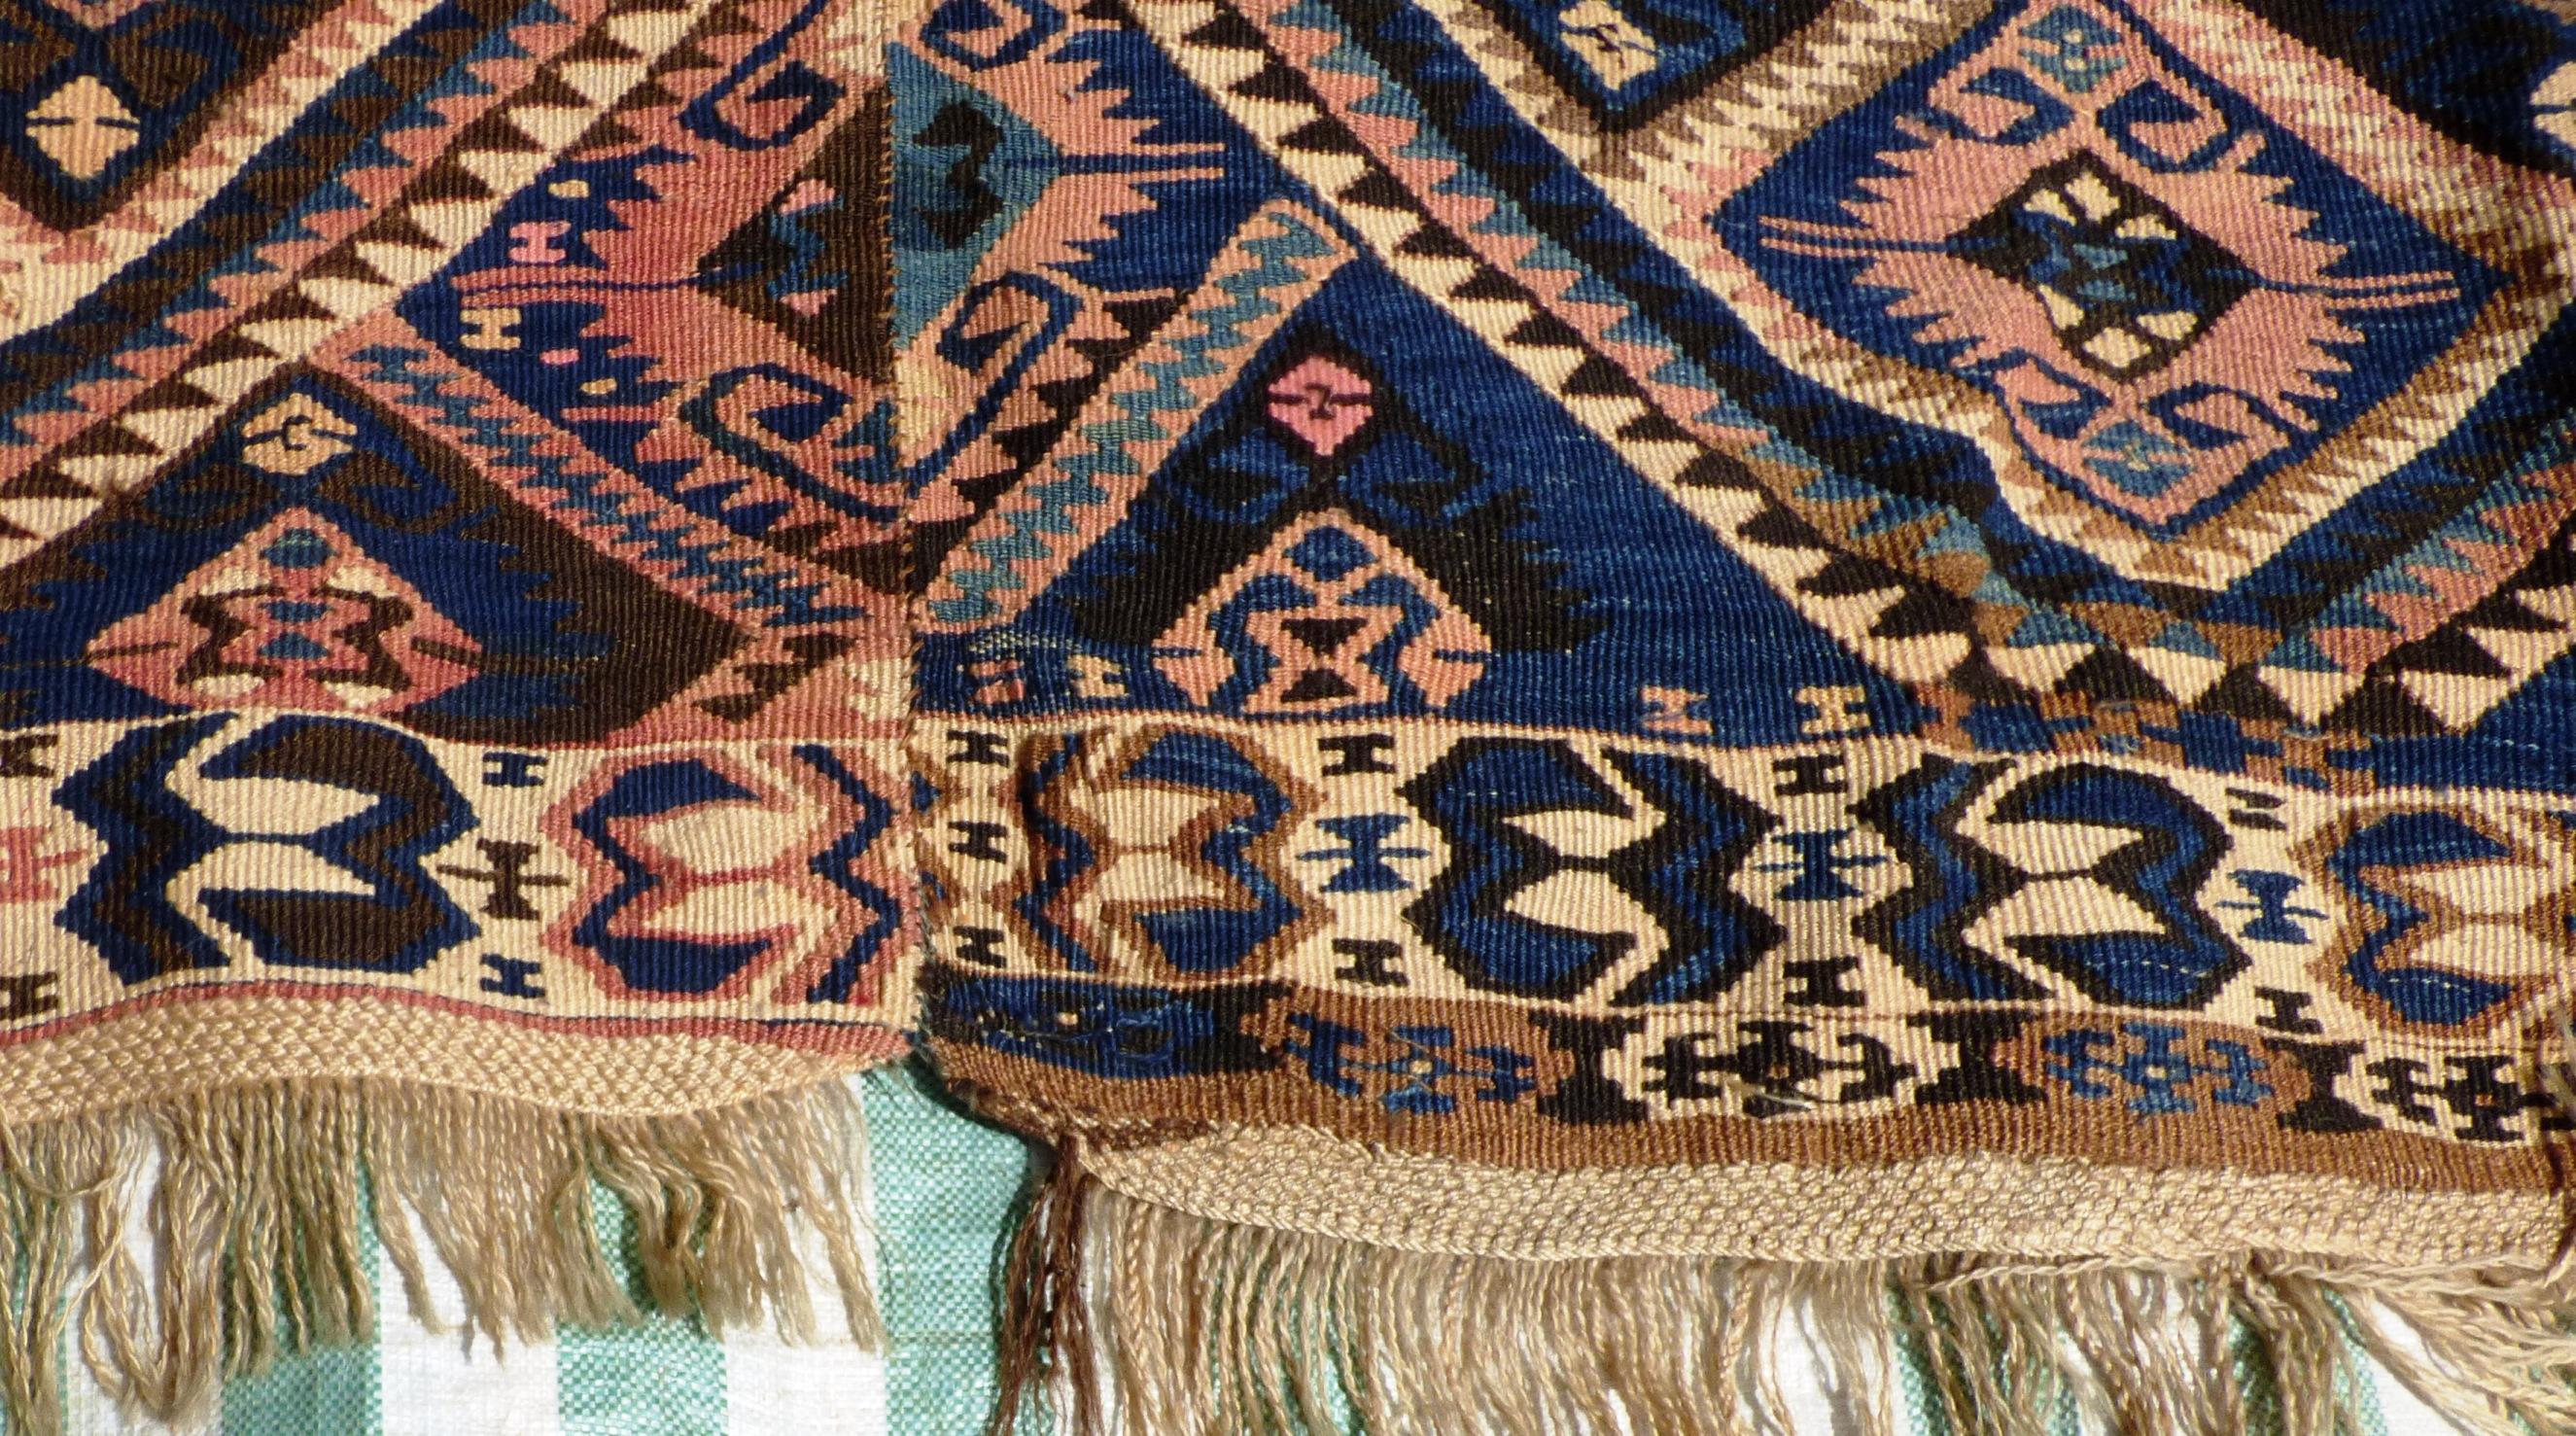 Hakkari Kilim Anatolia Turkish Wool On Wool 17047